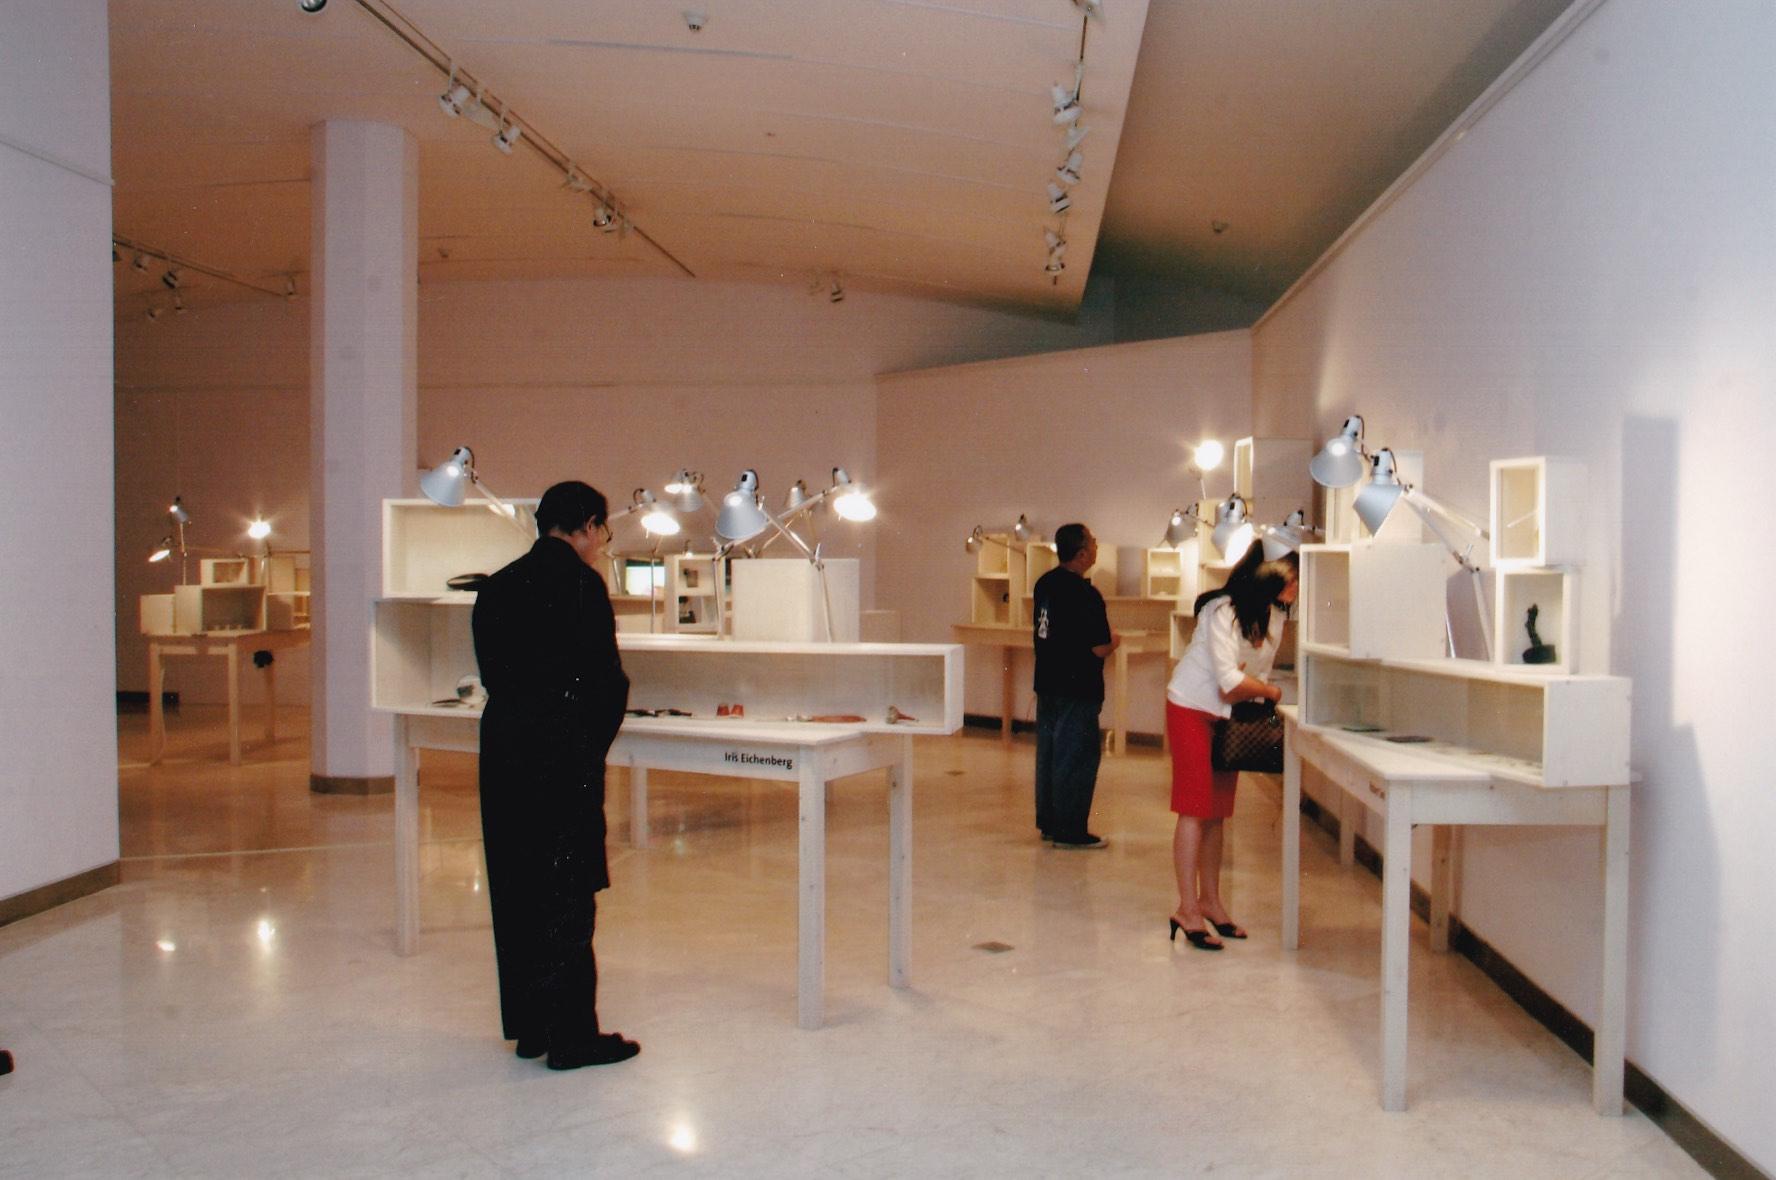 Sterke Verhalen, hedendaagse verhalende sieraden uit Nederland, Erasmus Huis, Jakarta, 2006. Foto met dank aan Liesbeth den Besten©